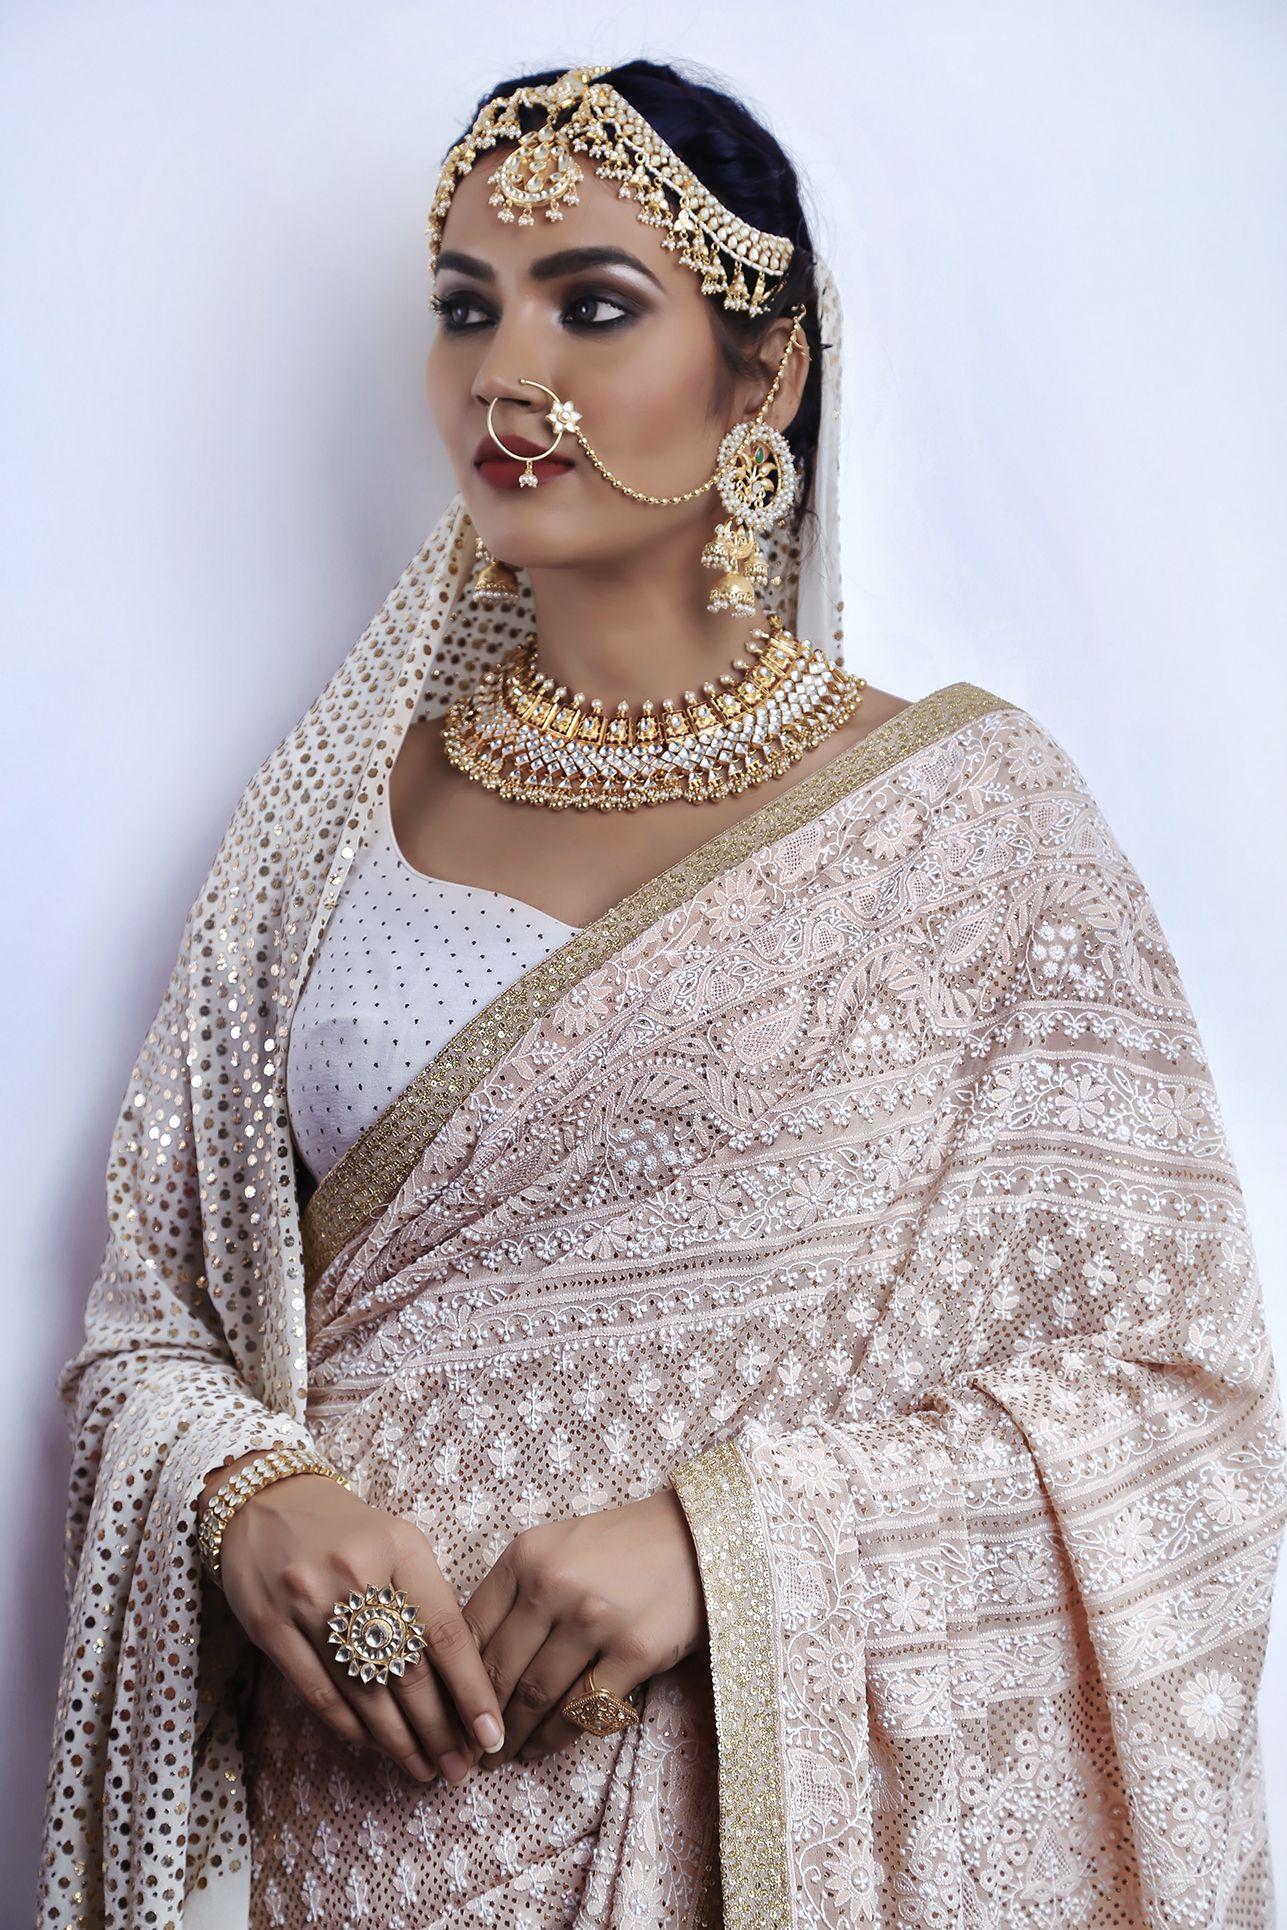 Anjul Bhandari- Paak Begum | Saree dress, Saree, Fashion